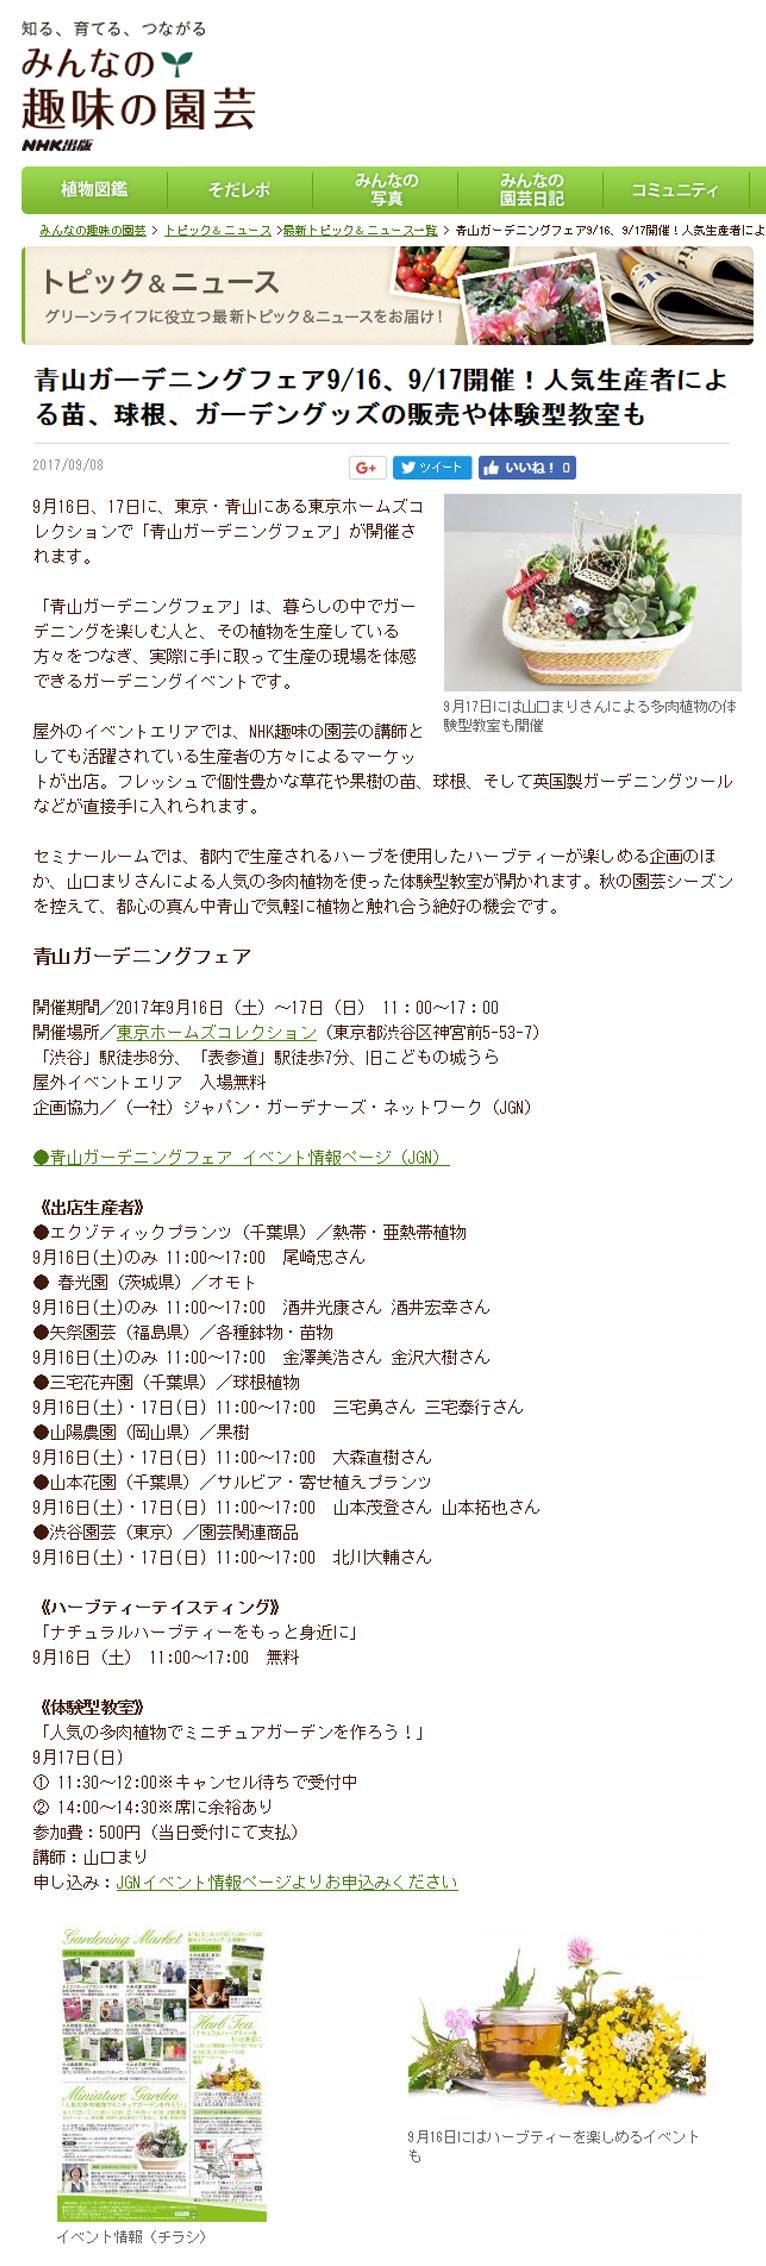 NHK「みんなの趣味の園芸」ウェブサイト 最新トピック&ニュースに『青山ガーデニングフェア』を掲載いただきました!